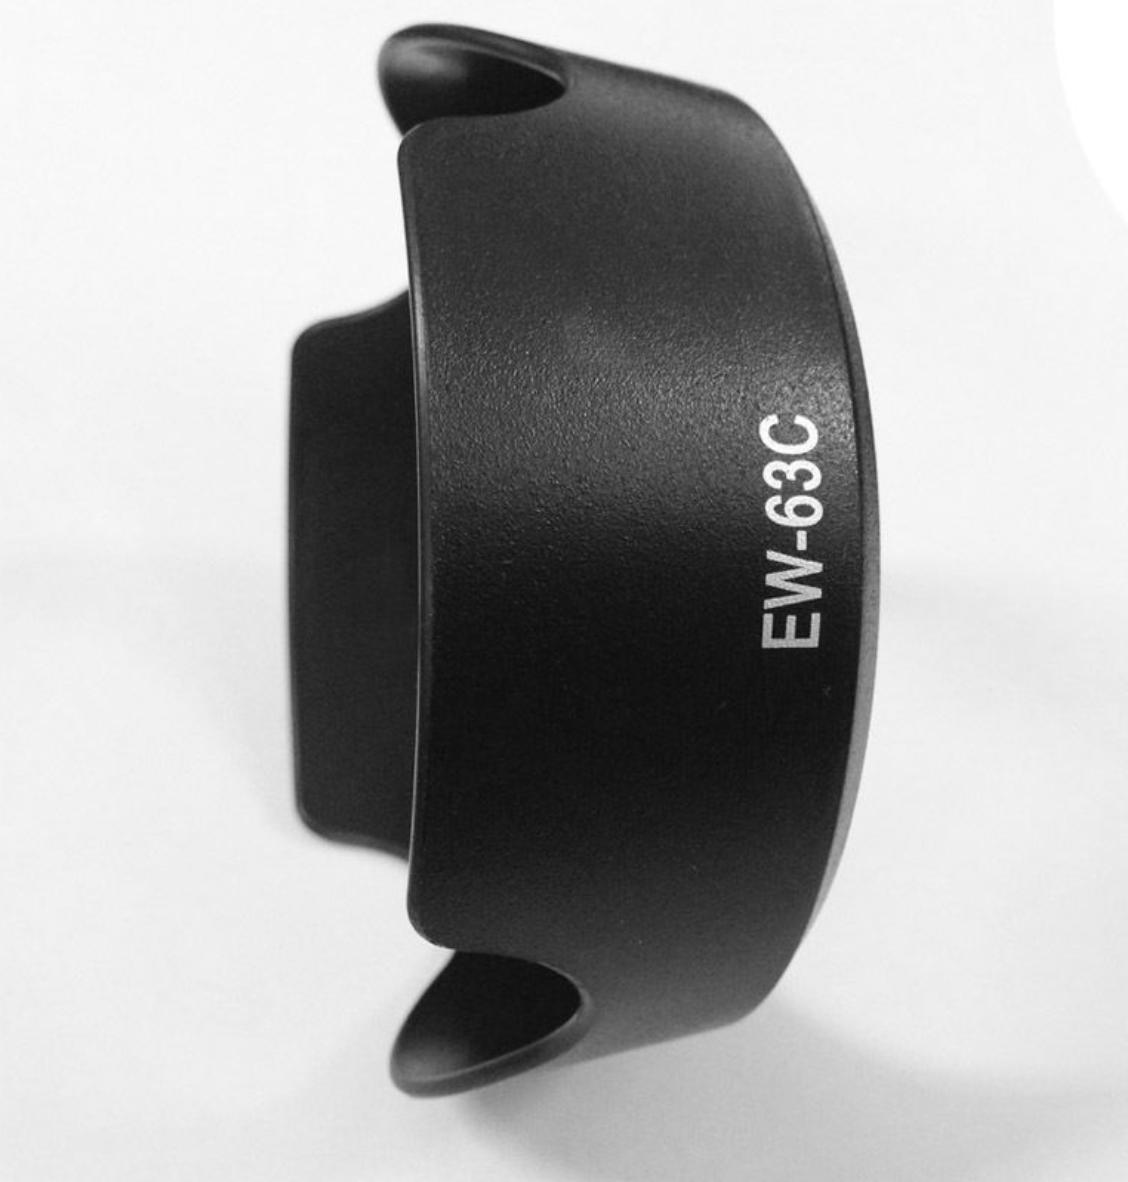 Hood EW-63C (Dùng cho lens Canon 18-55 f3.5-5.6 IS STM)